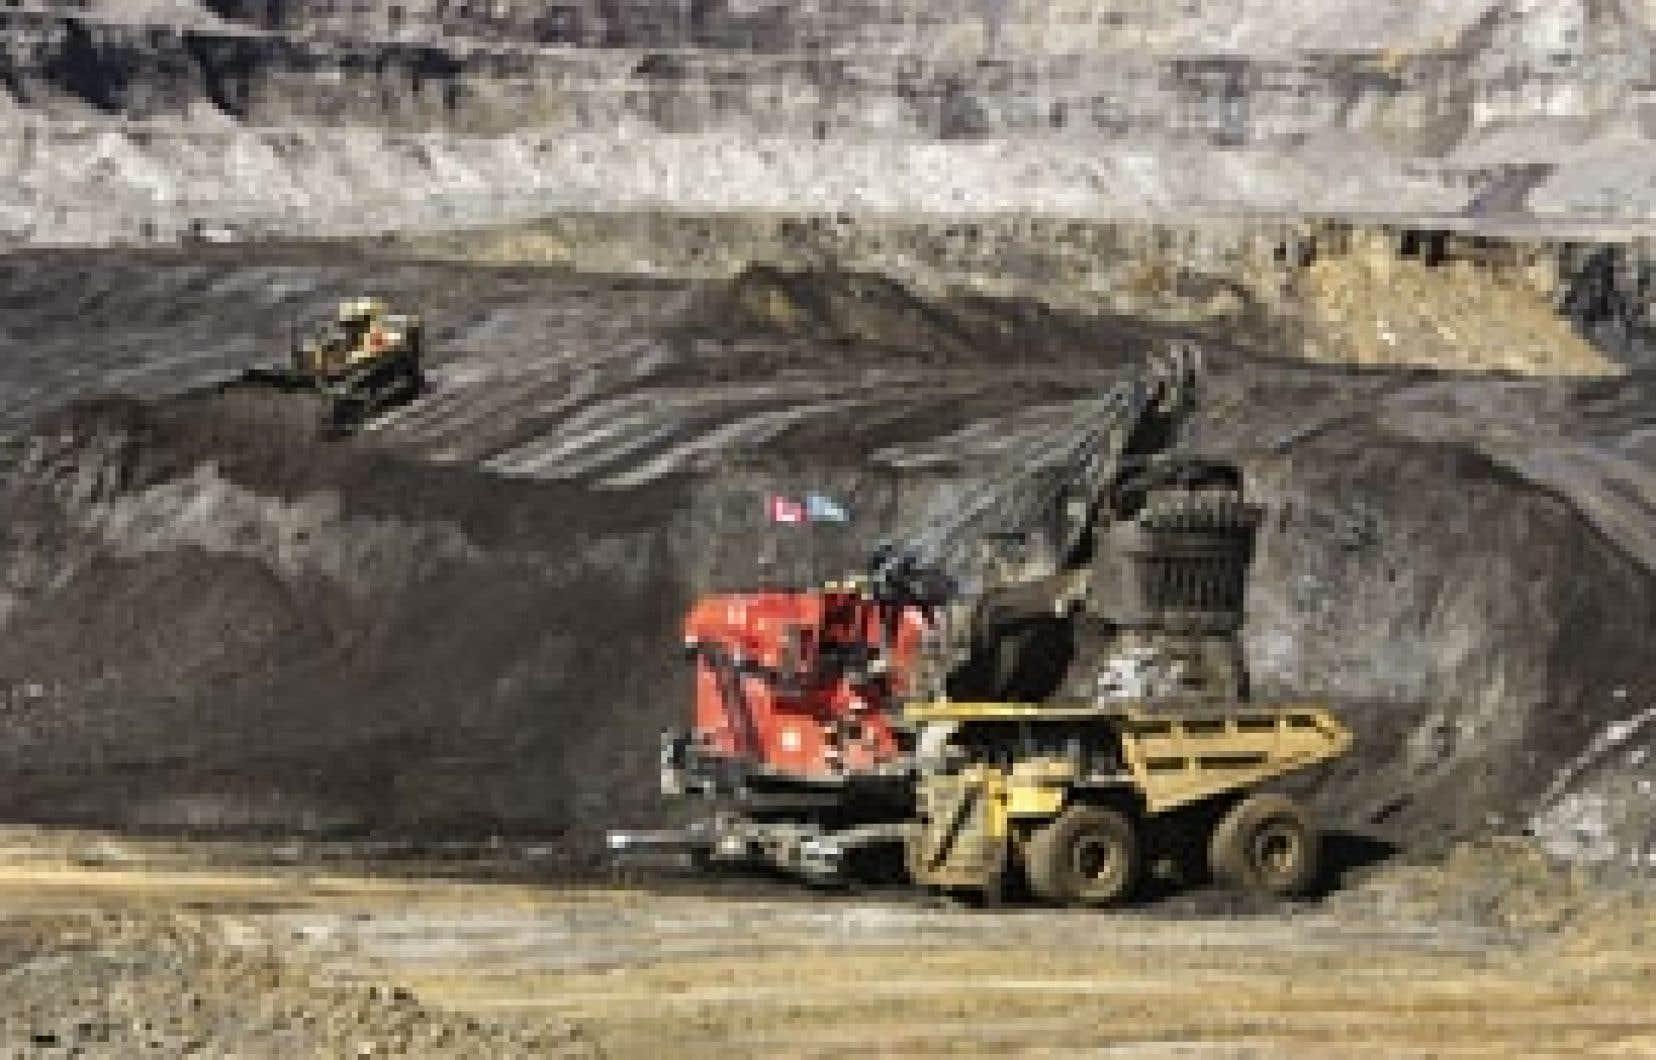 L'exploitation des sables bitumineux, dont 70 % sont exportés aux États-Unis, est responsable de la moitié de l'augmentation des émissions de gaz à effet de serre du Canada.